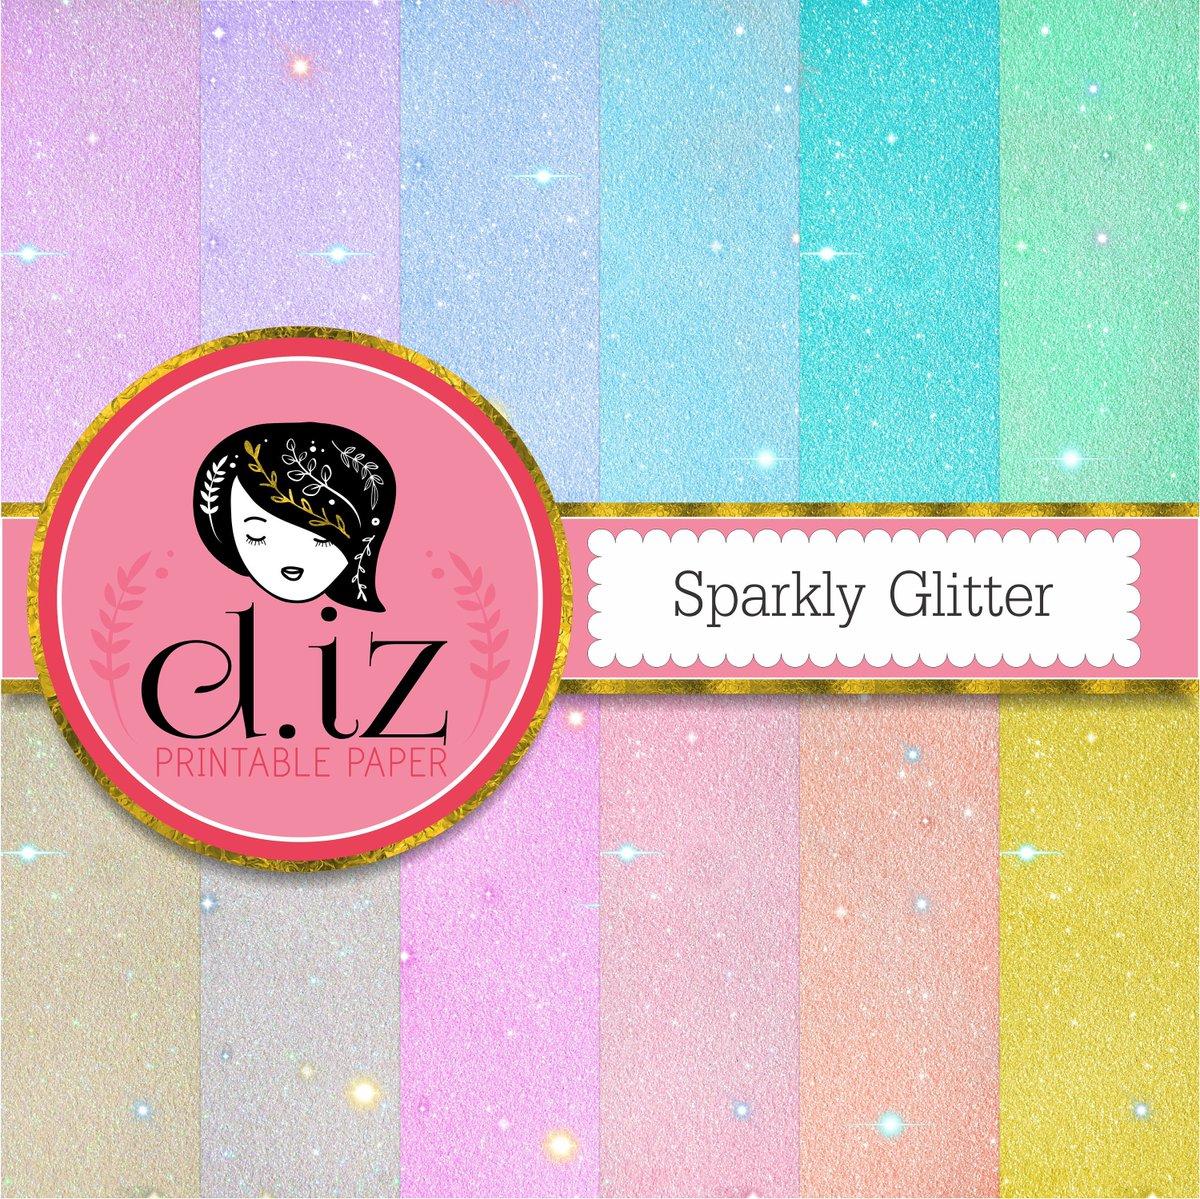 d iz on twitter glitter digital paper sparkly glitter paper